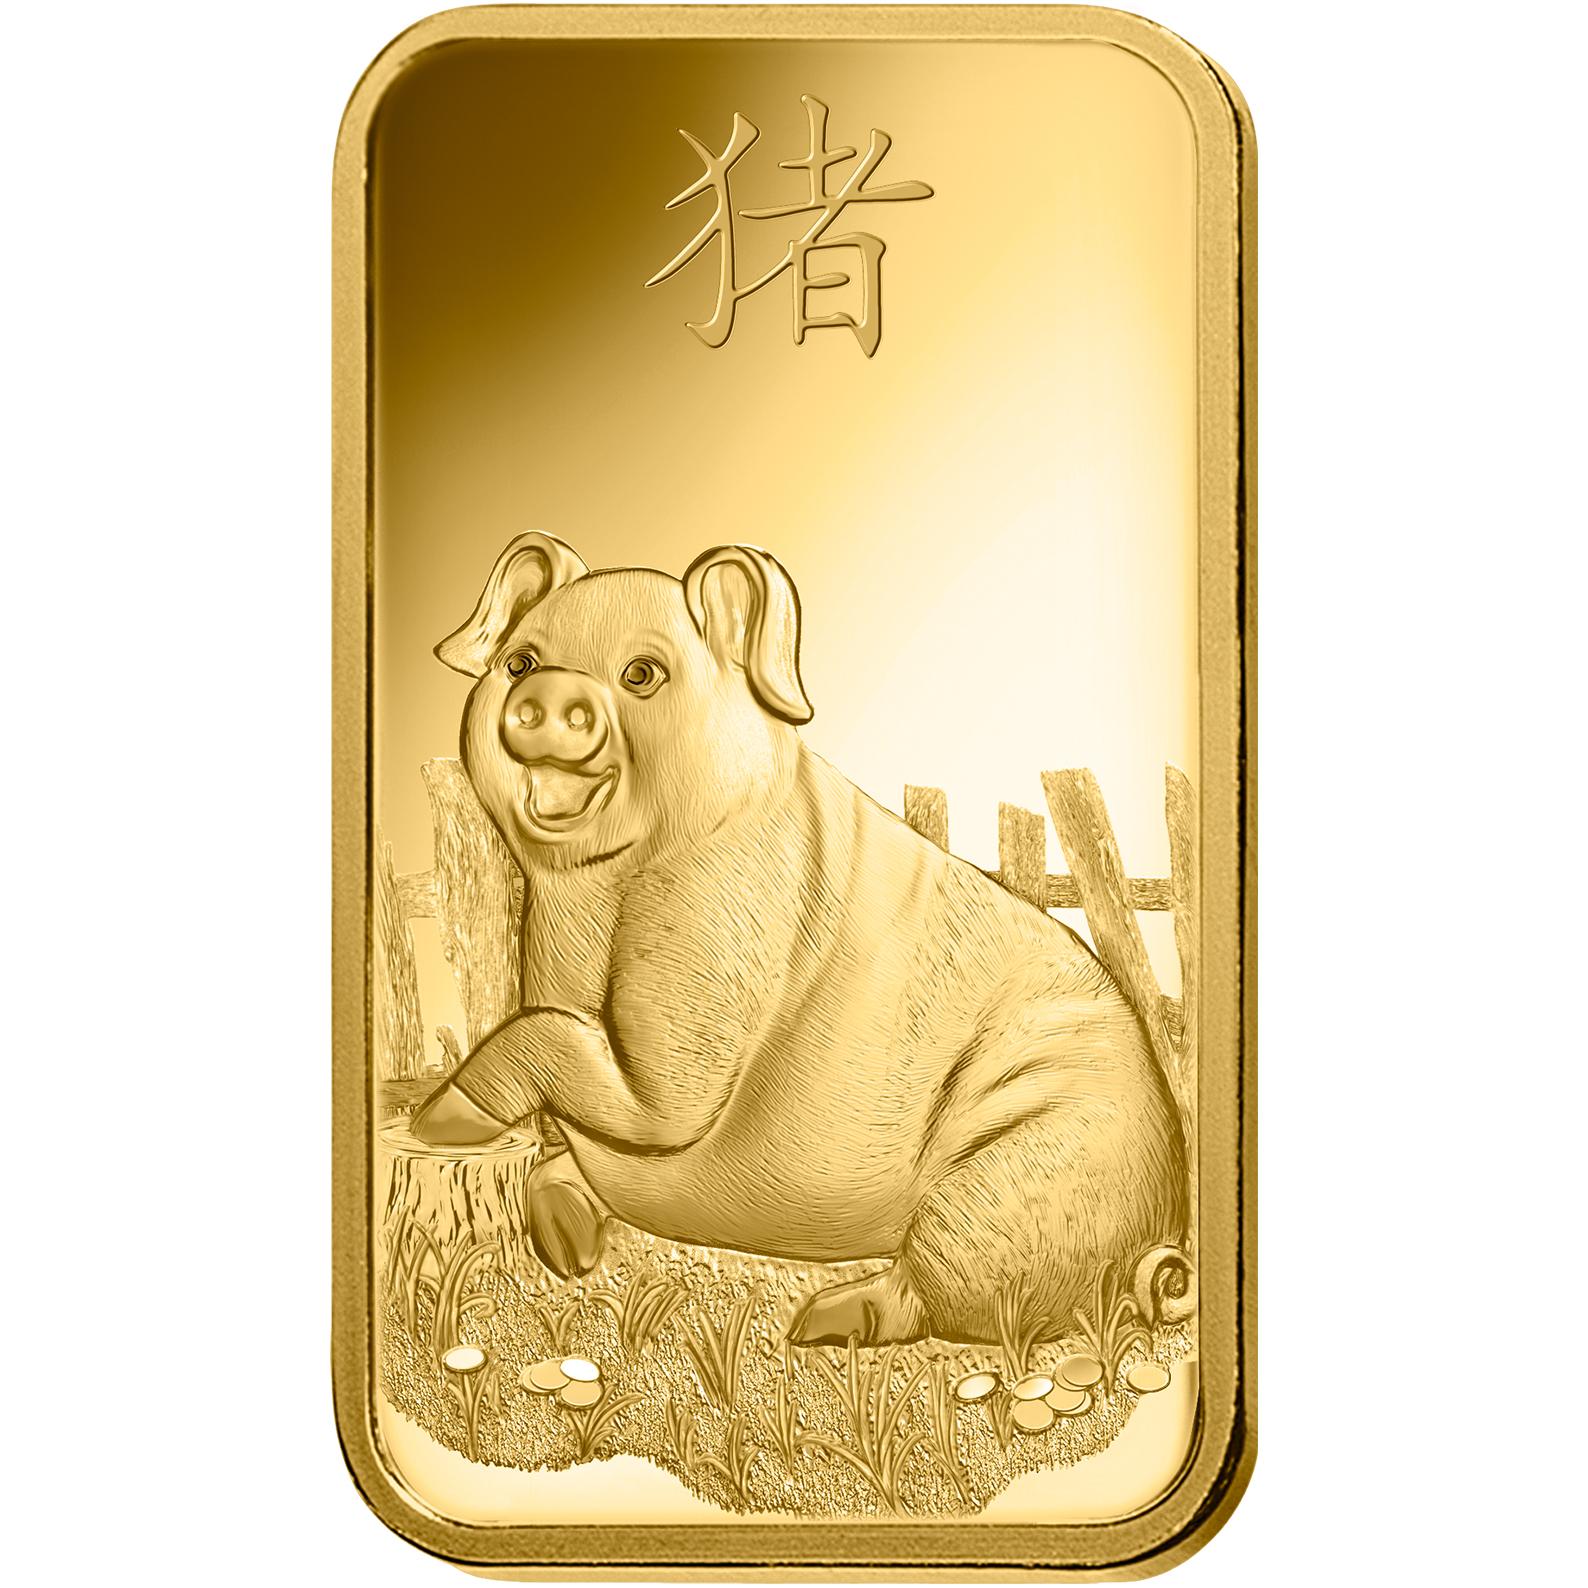 100 Gramm Goldbarren - PAMP Suisse Lunar Schwein